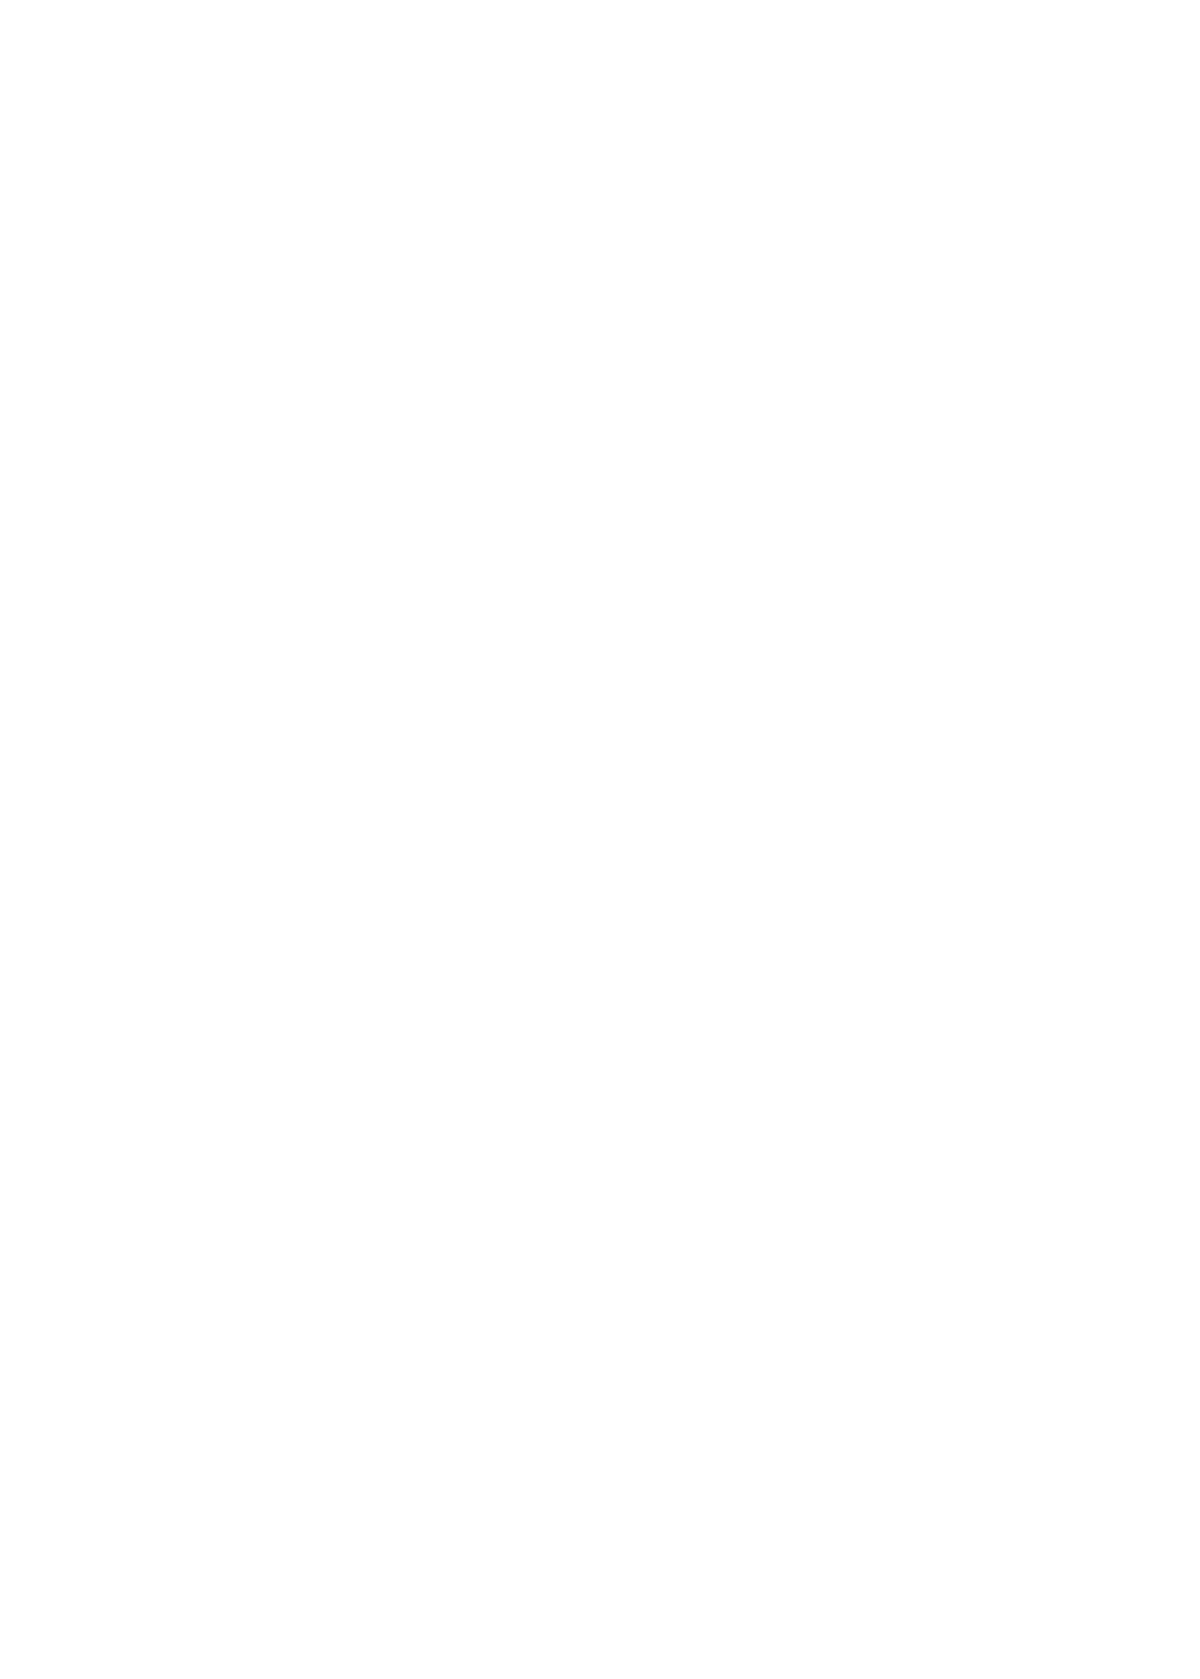 [Alice no Takarabako (Mizuryu Kei)] Mitsubachi no Yakata Nigou-kan Seventh Heaven-ten (Final Fantasy VII) [English] [biribiri] [Digital] 60